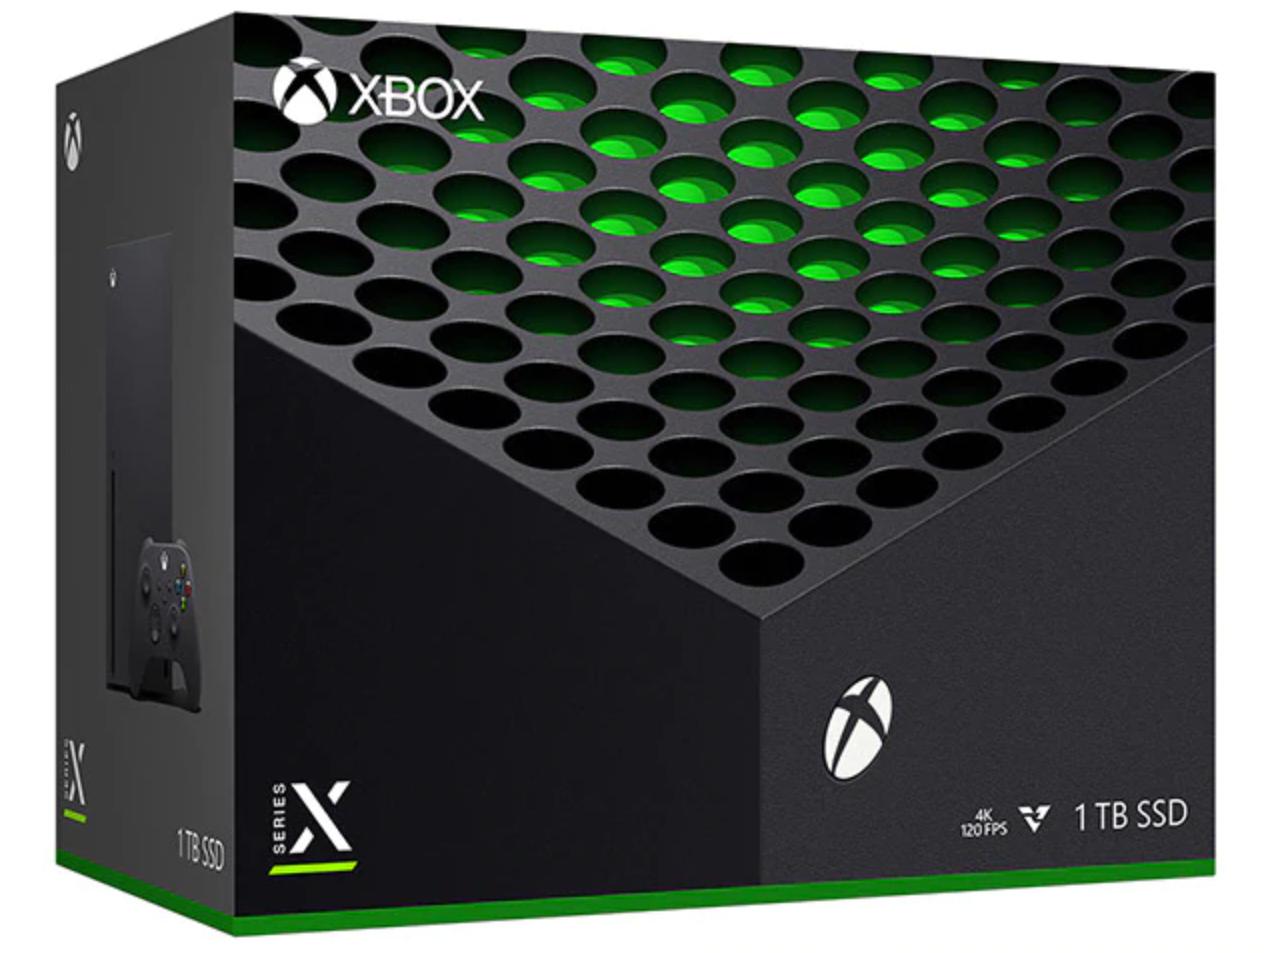 Xbox Series X S Retail Box Touts 4k 120fps Gaming Tweaktown